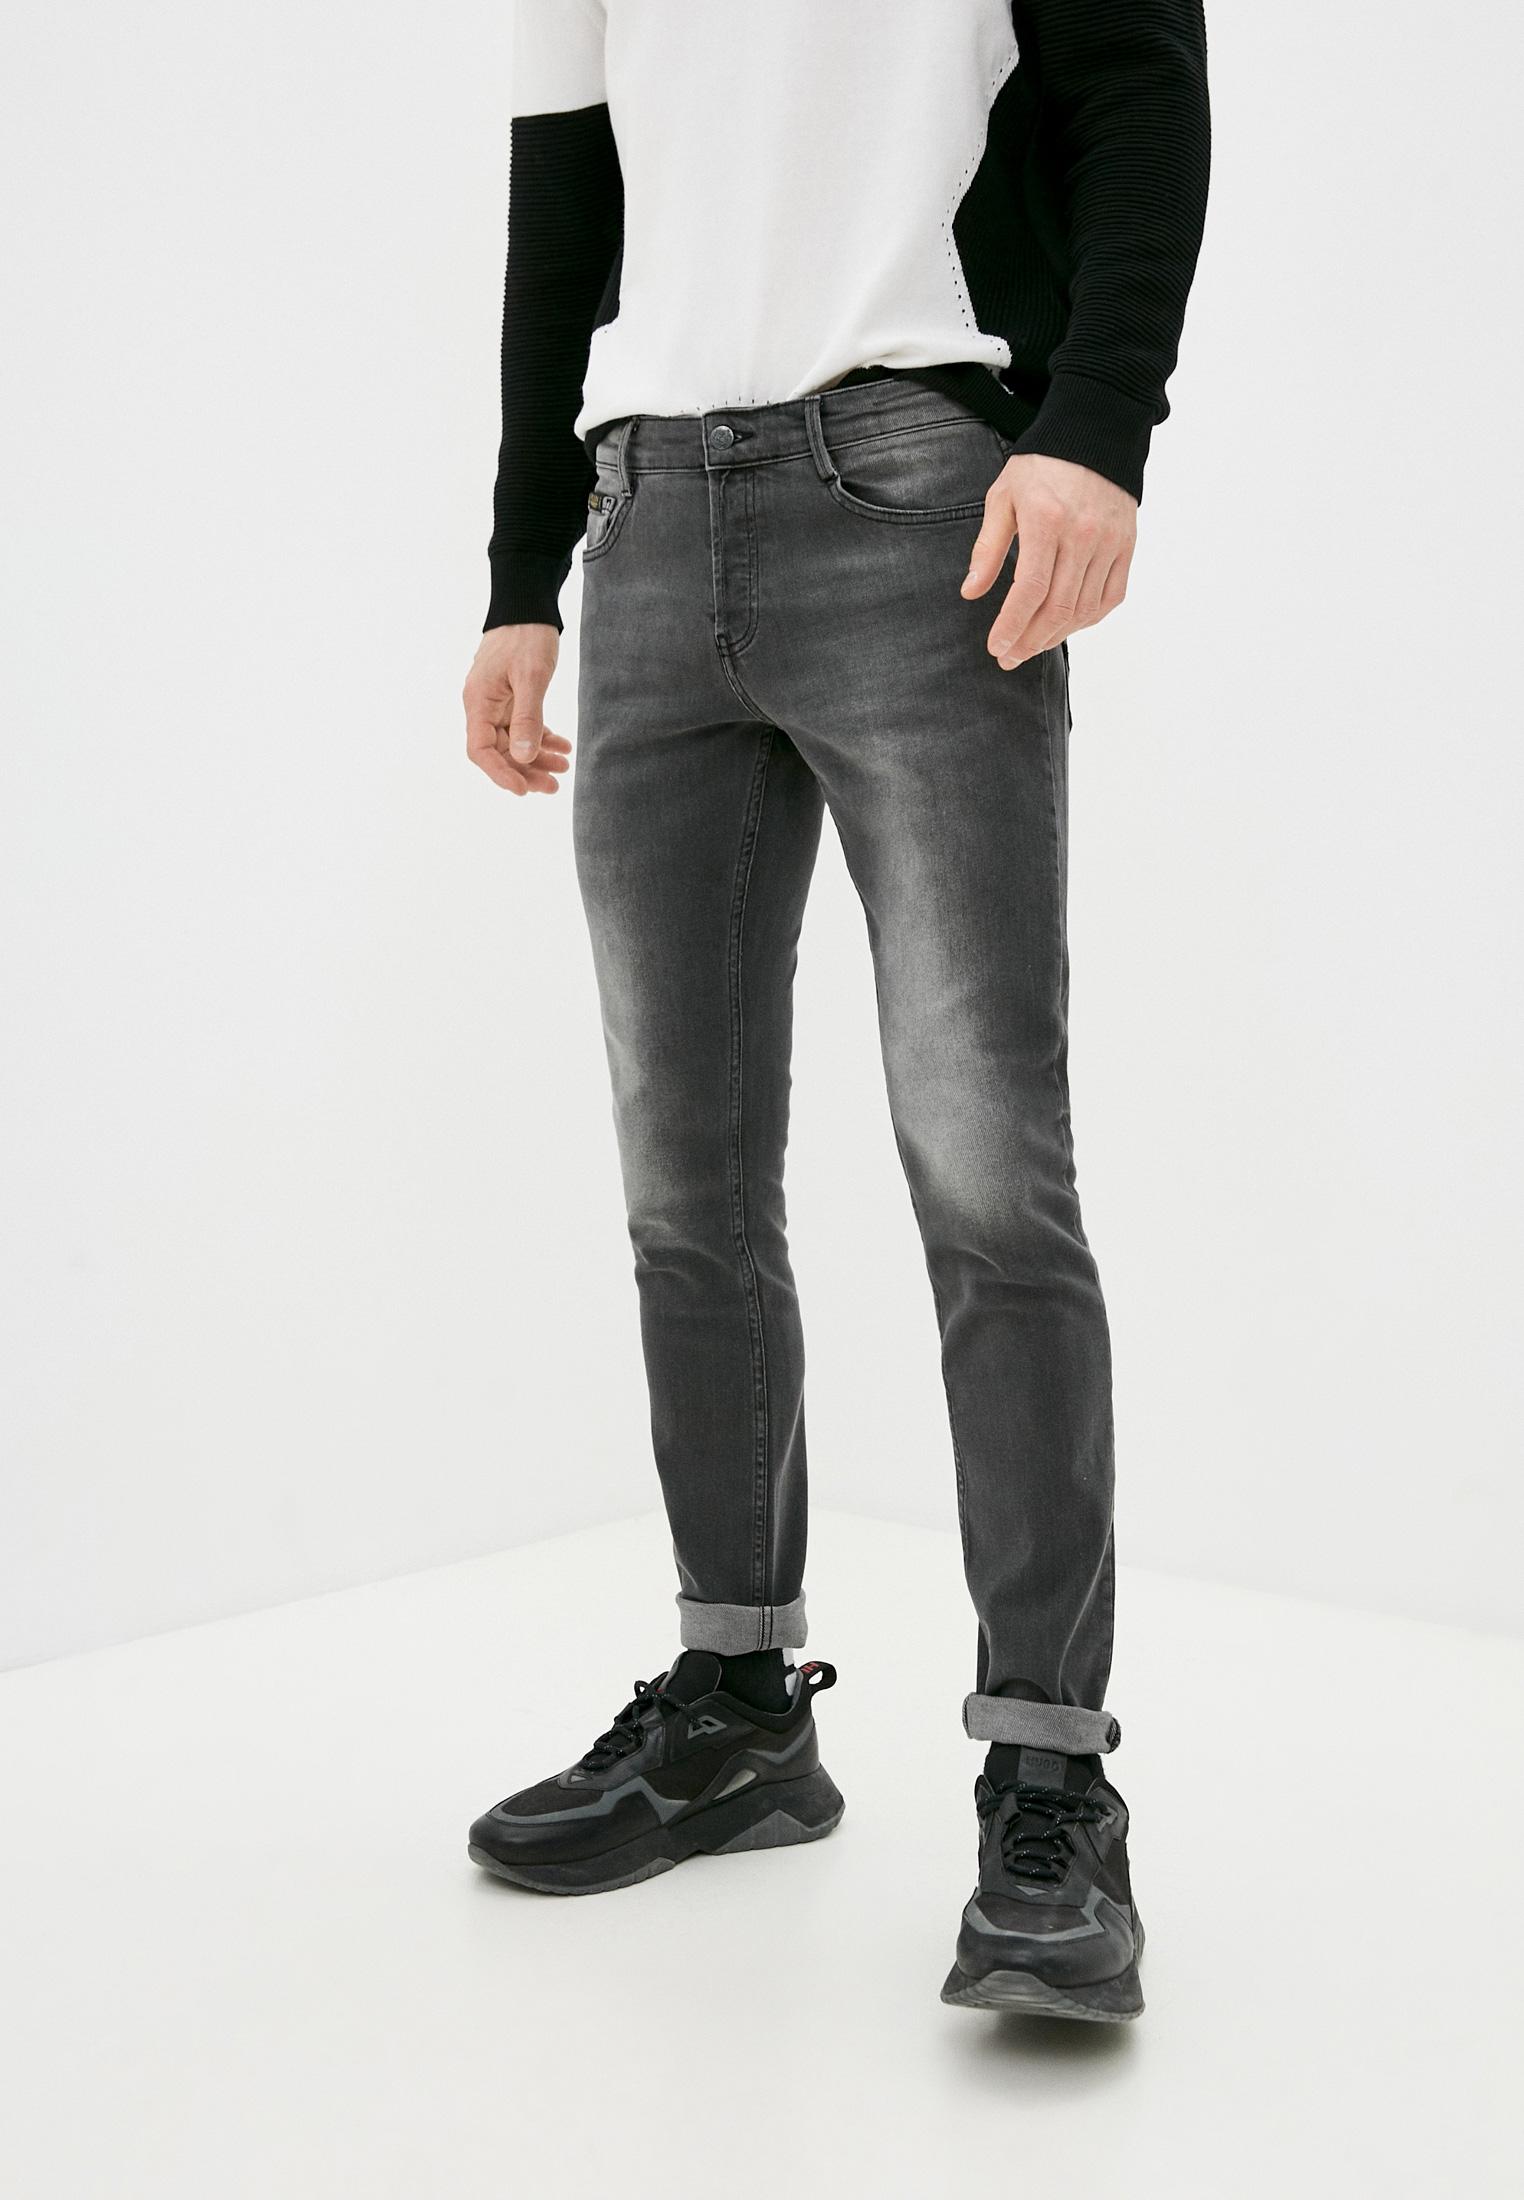 Мужские прямые джинсы Plein Sport Джинсы Plein Sport